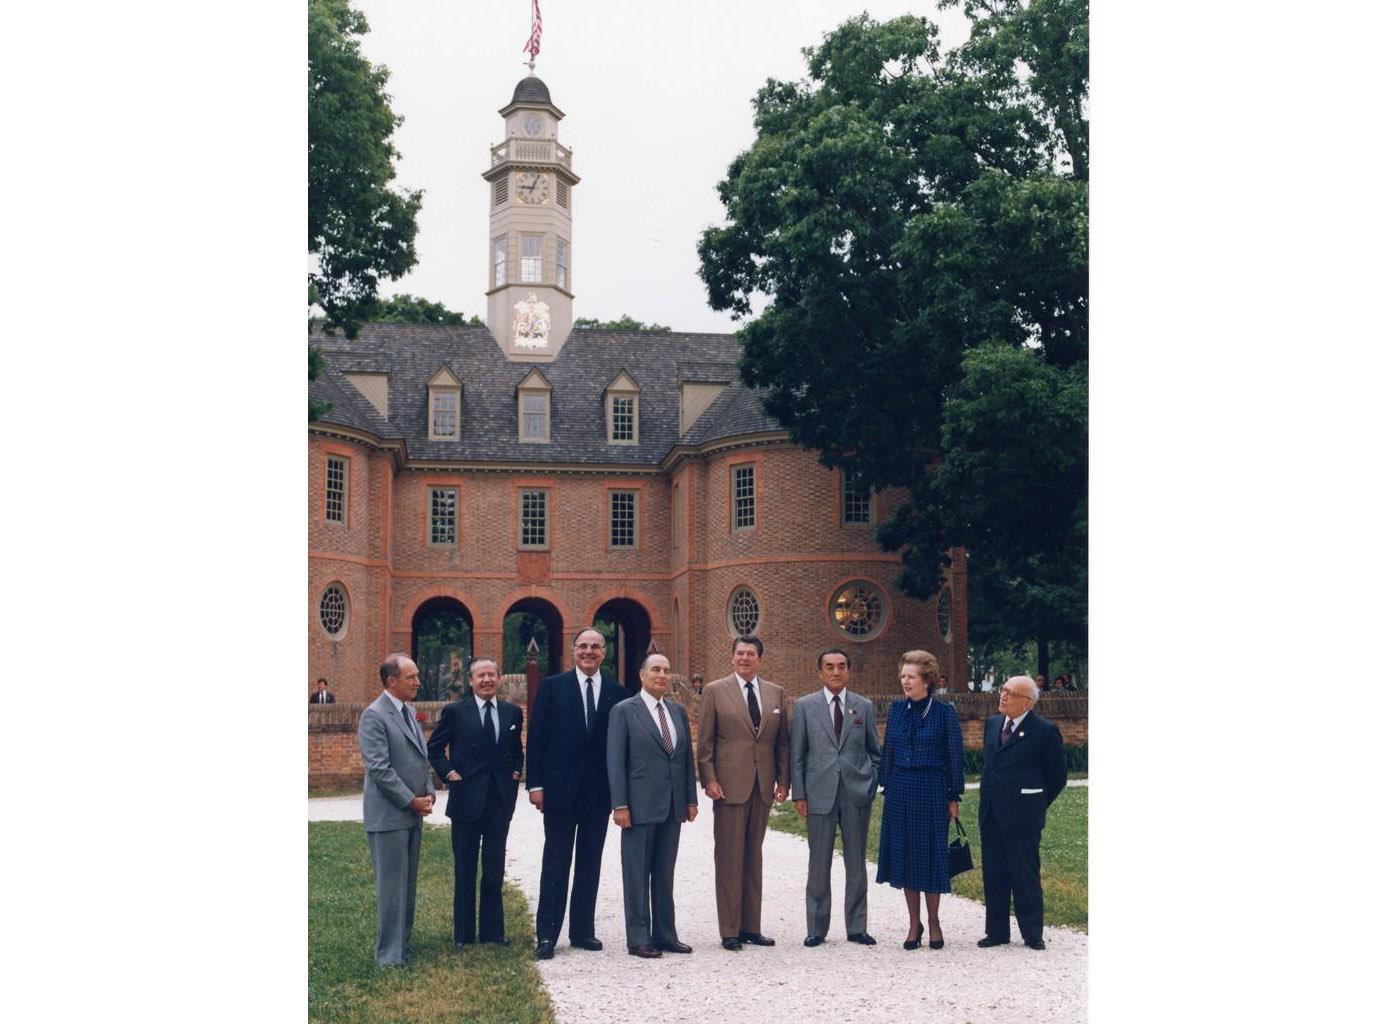 1983年5月、ウィリアムズバーグ・サミットの記念撮影に臨むG7首脳ら。右から3人目が中曽根康弘首相。左隣はレーガン米大統領、フランスのミッテラン大統領(中曽根康弘事務所提供)